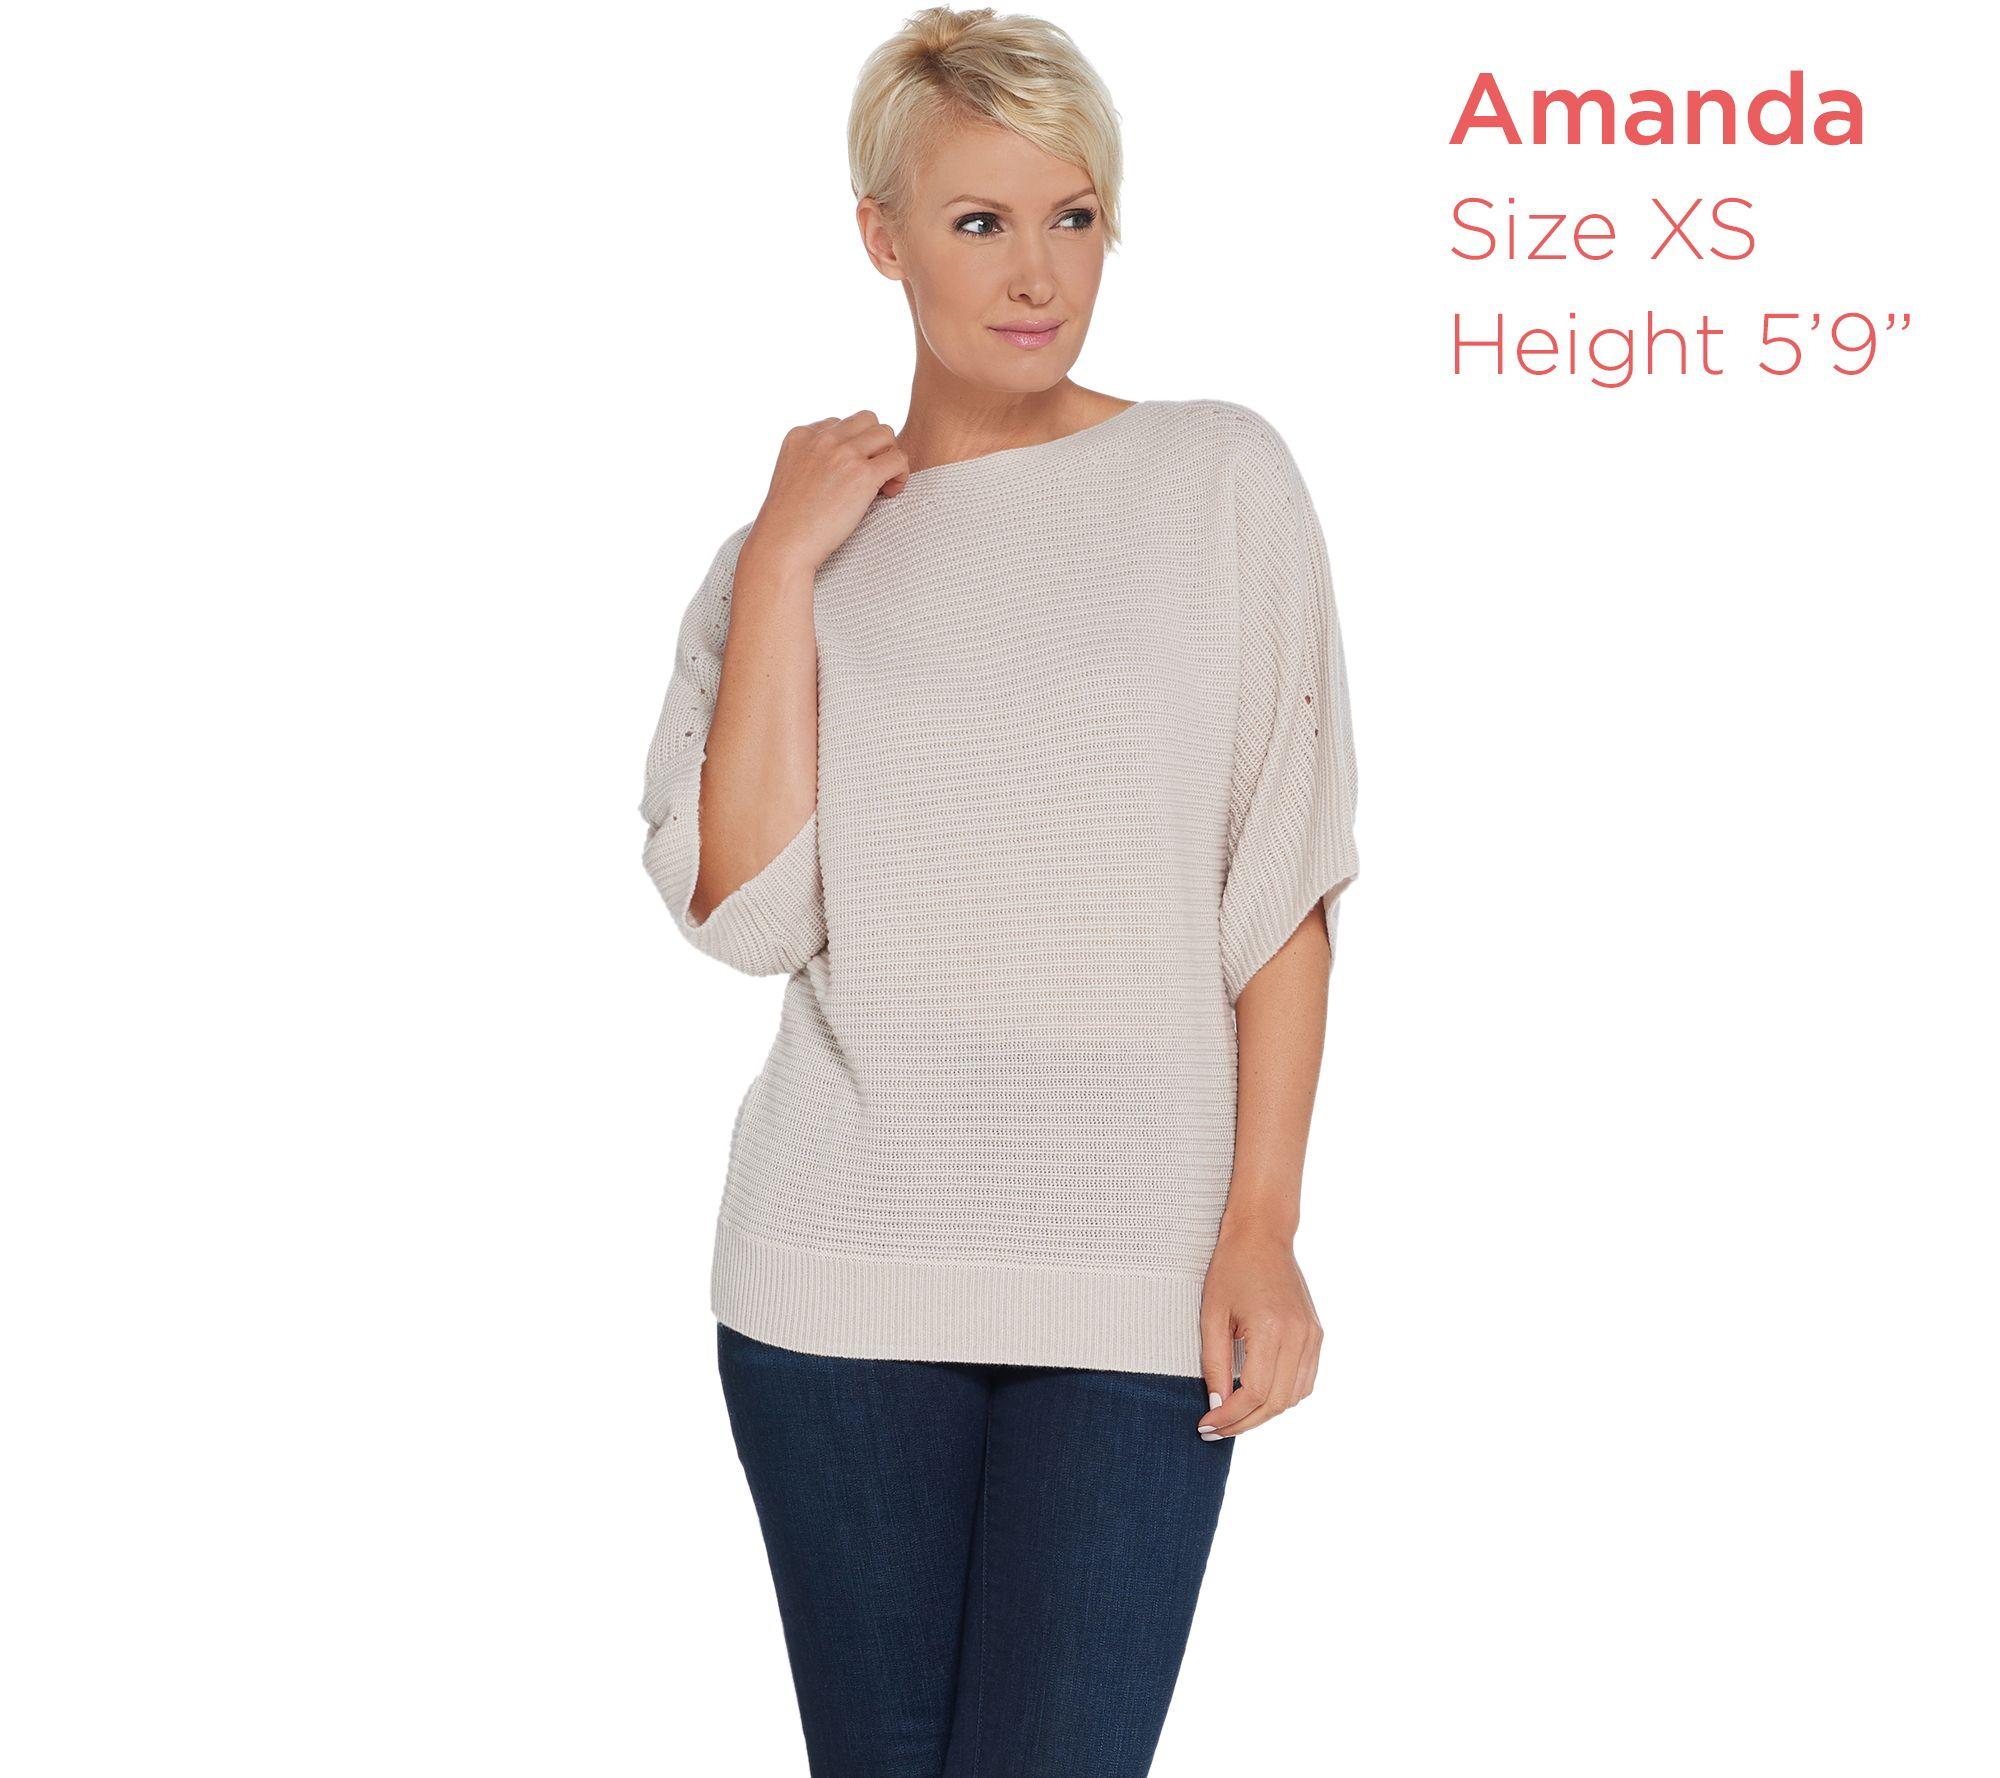 b3dbefabd8f8 Martha Stewart Wool Cashmere Dolman Elbow Sleeve Sweater - Page 1 ...